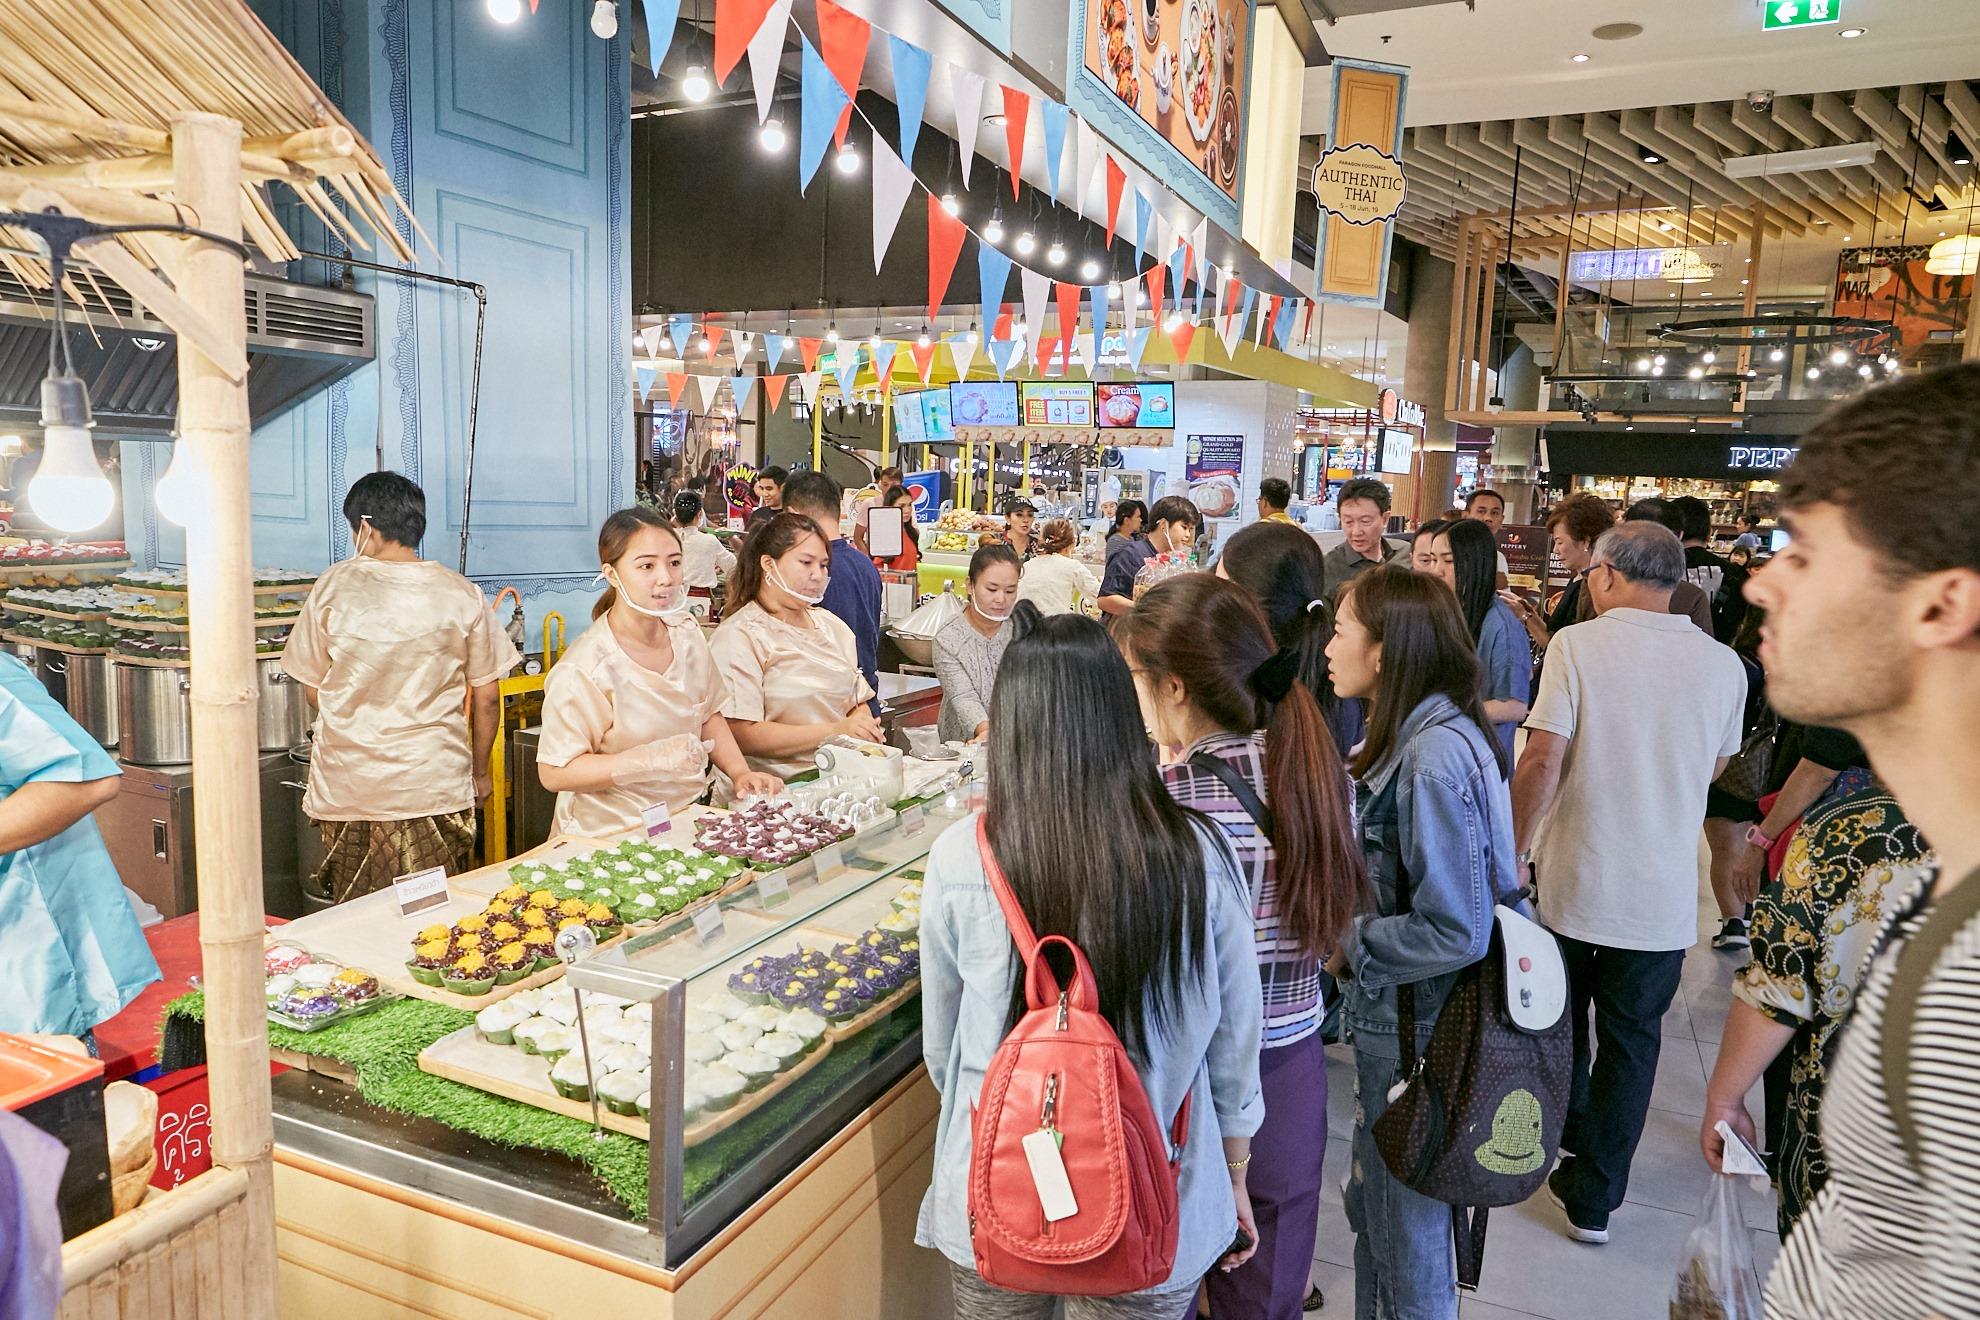 ร้านอาหารในกรุงเทพ ร้านอาหารแนะนำ ศูนย์อาหาร ฟู้ดคอร์ท